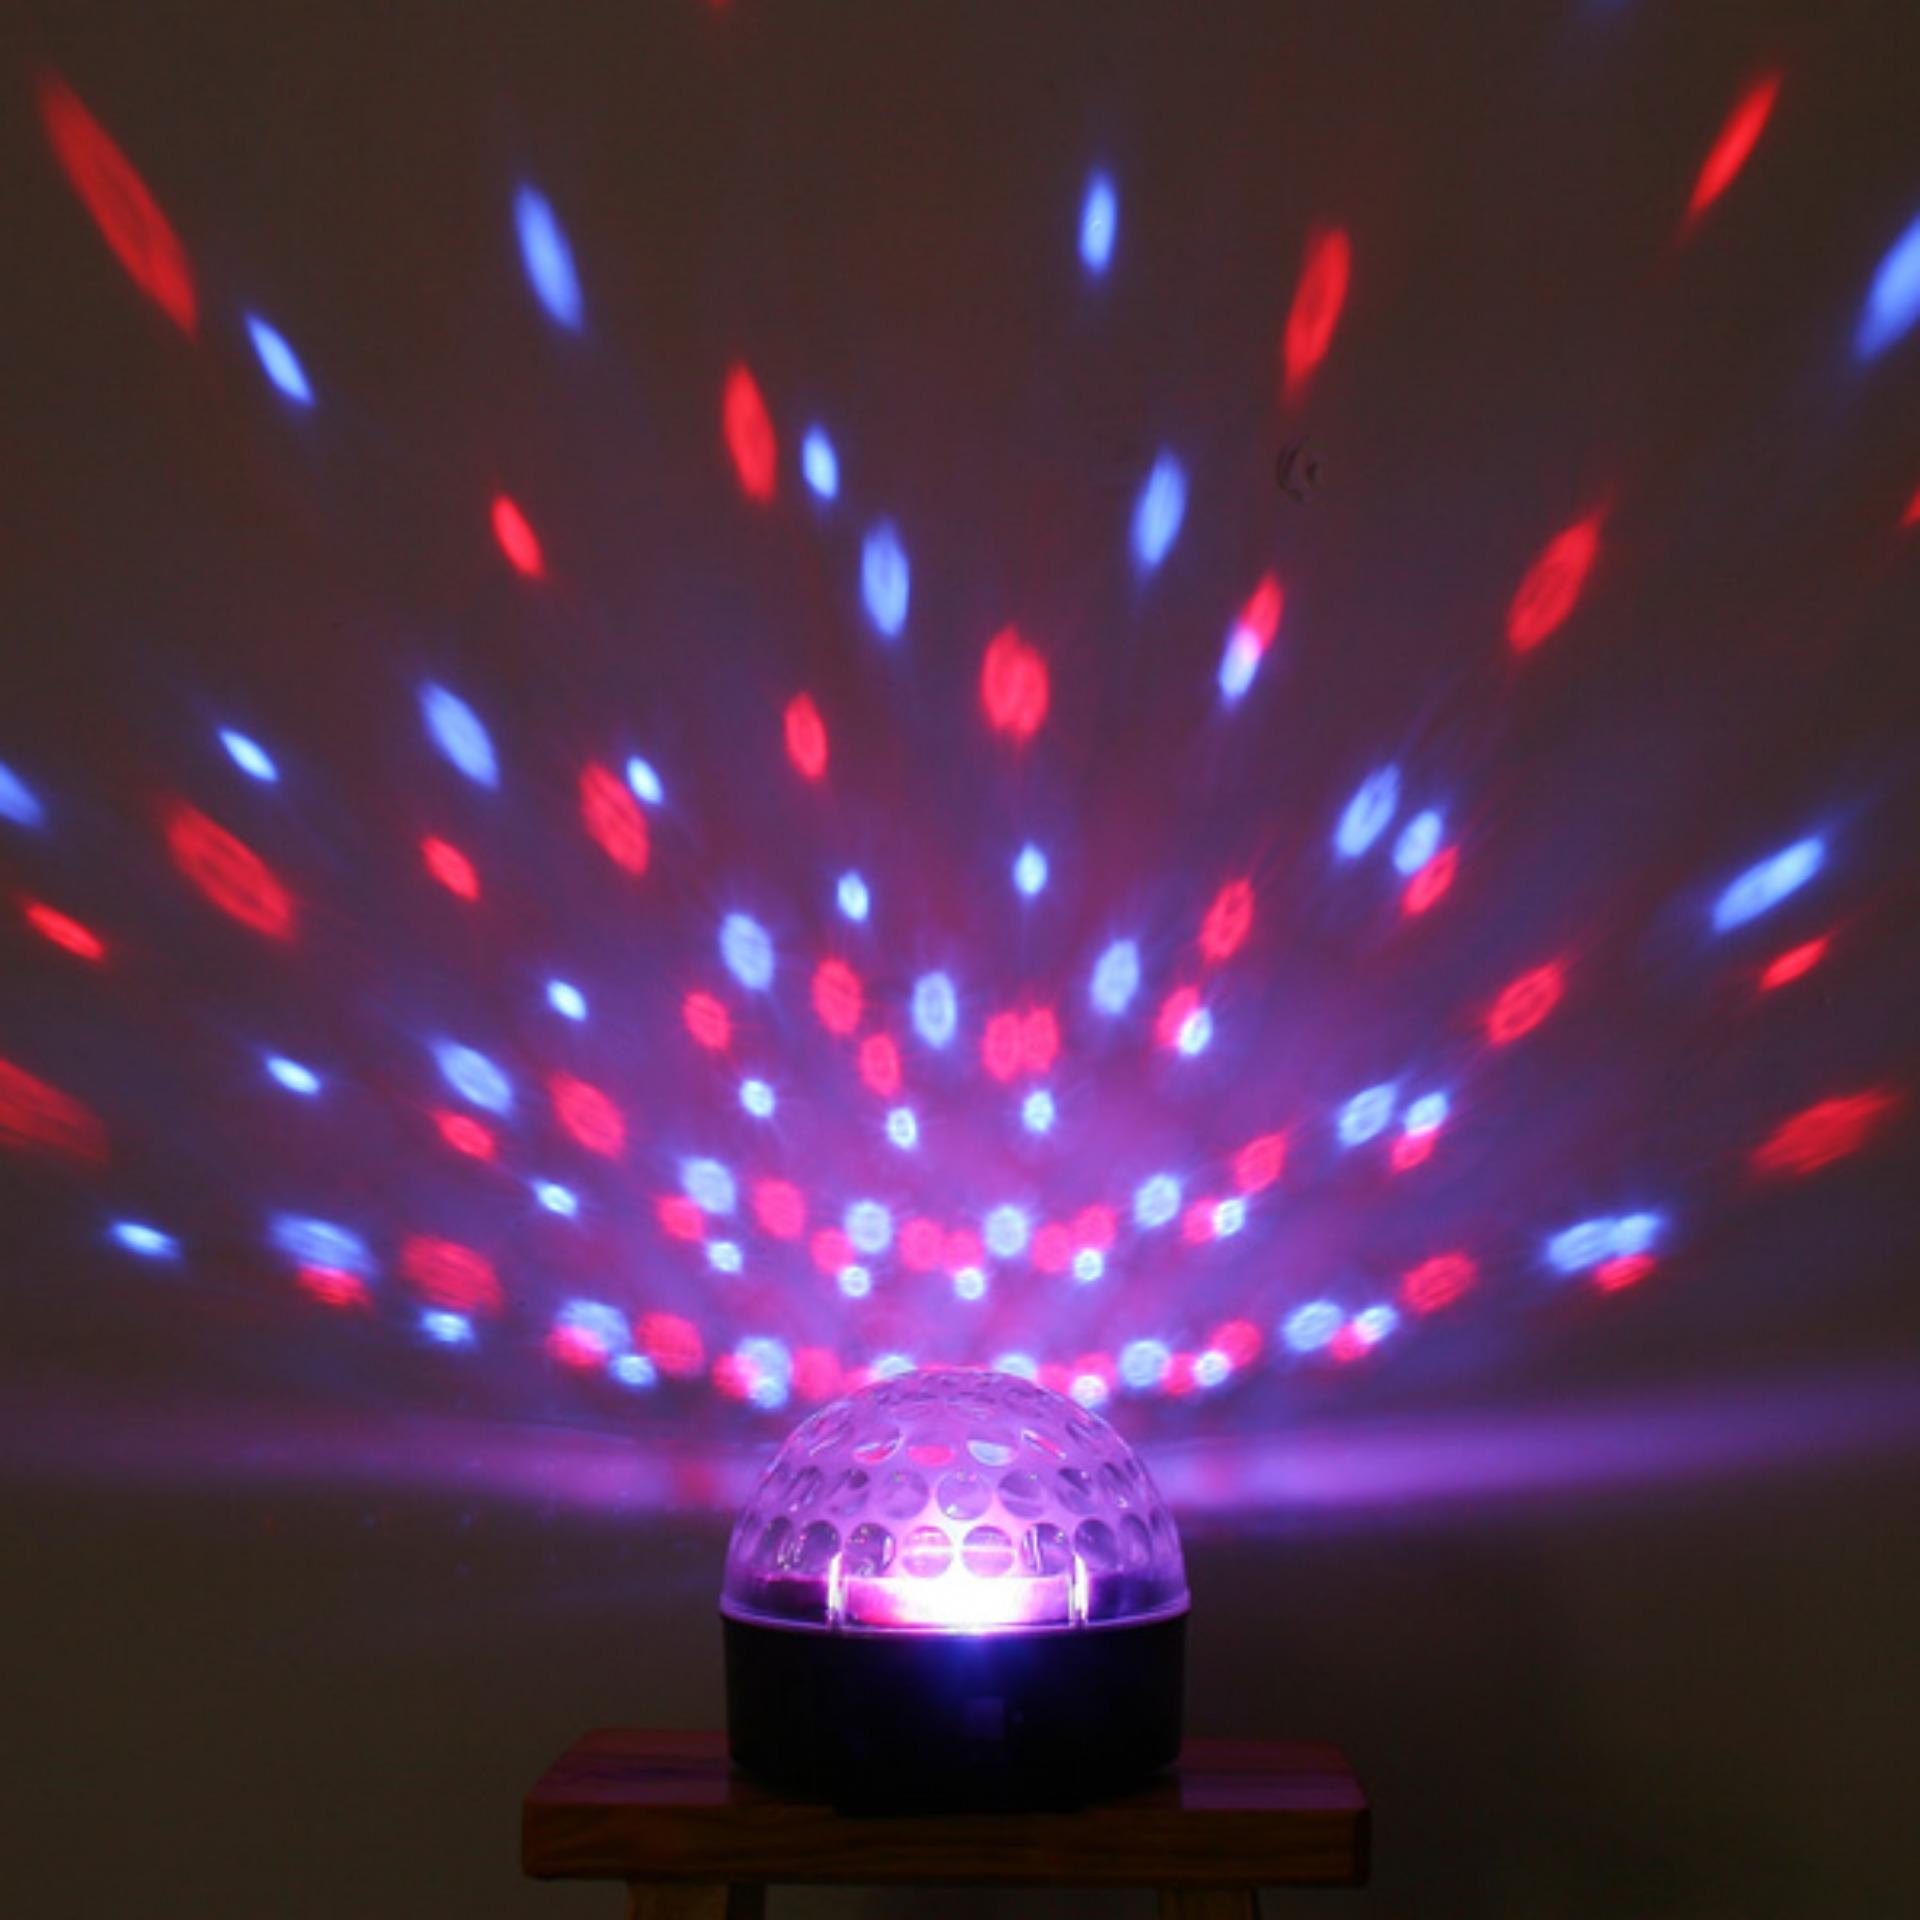 Đèn Led sân khấu cảm ứng nhảy theo nhạc + Remote + USB